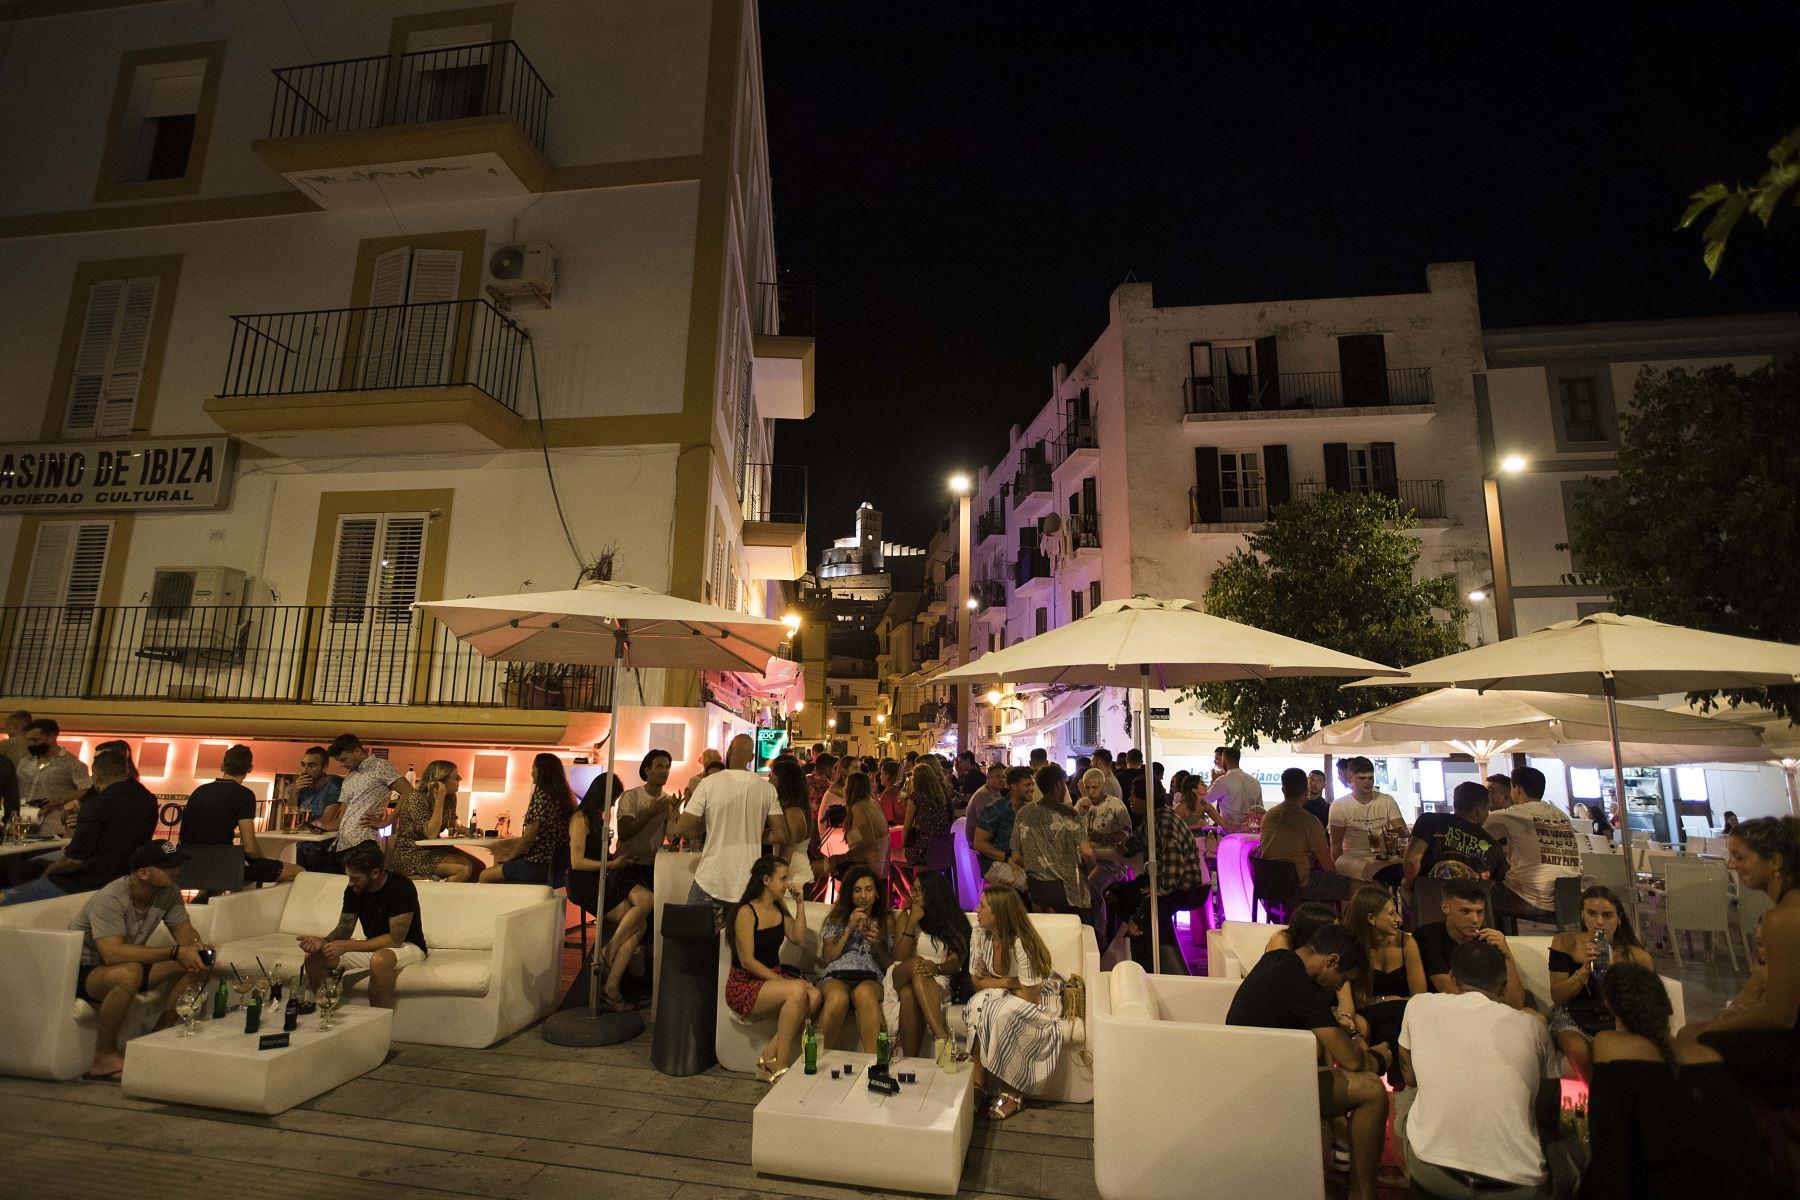 Un considerable número de personas se reúne en la terraza de un bar en el puerto de Ibiza, España, el 31 de julio, pese a incrementos de casos por coronavirus. Foto: AFP